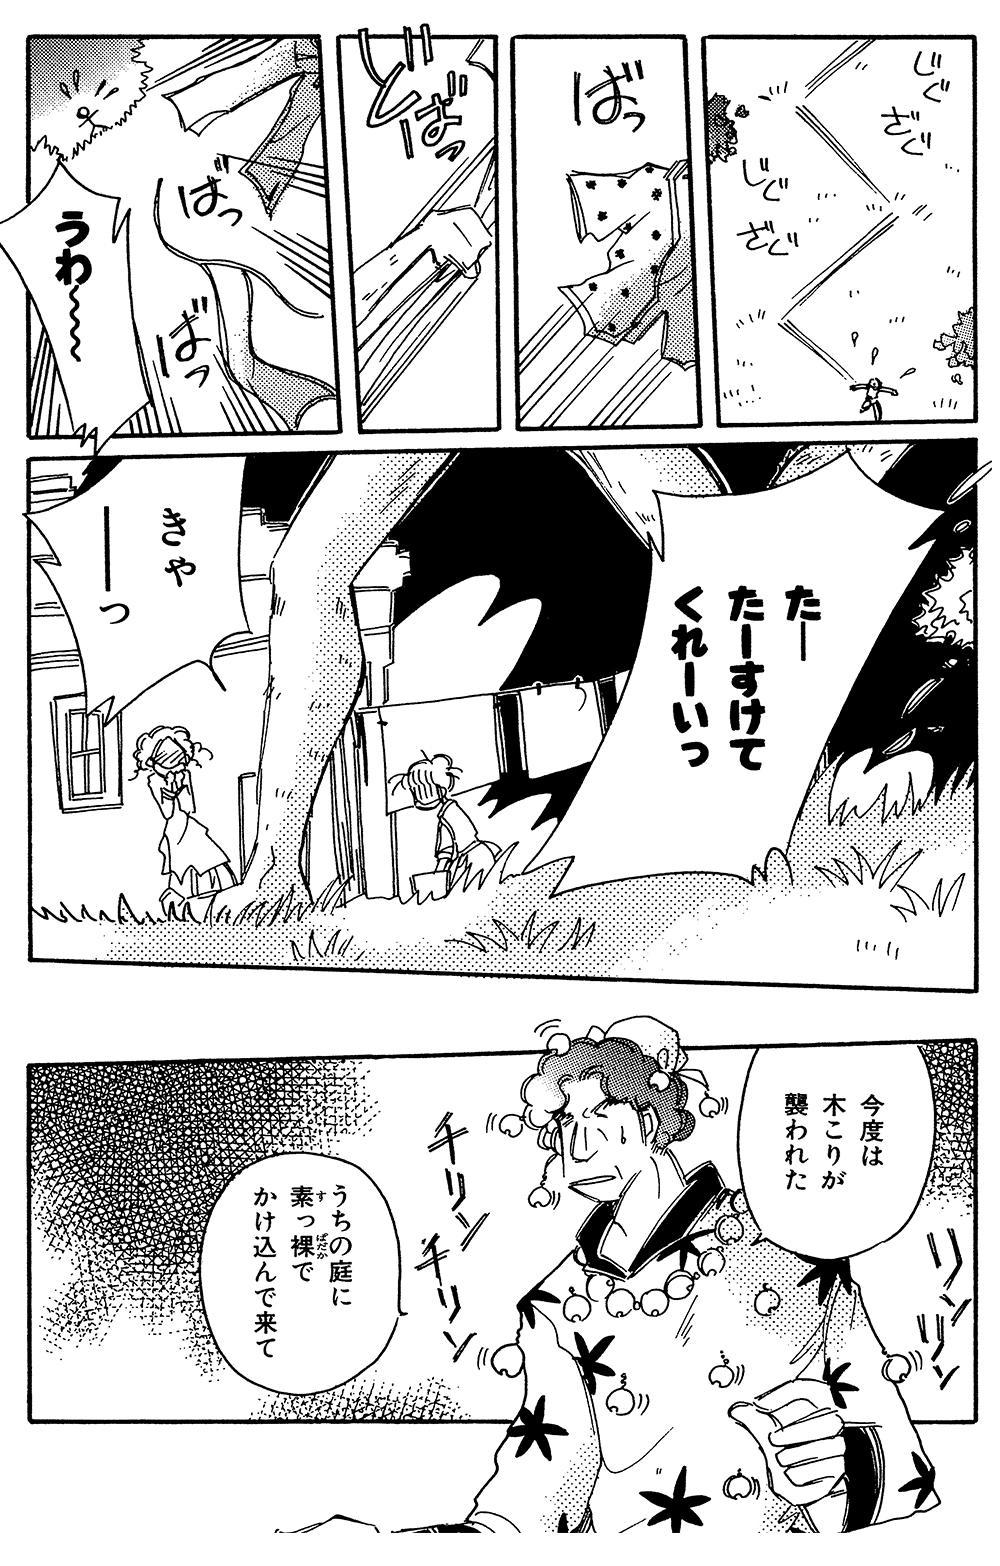 チキタ★GUGU 第3話chikitagg05-07.jpg